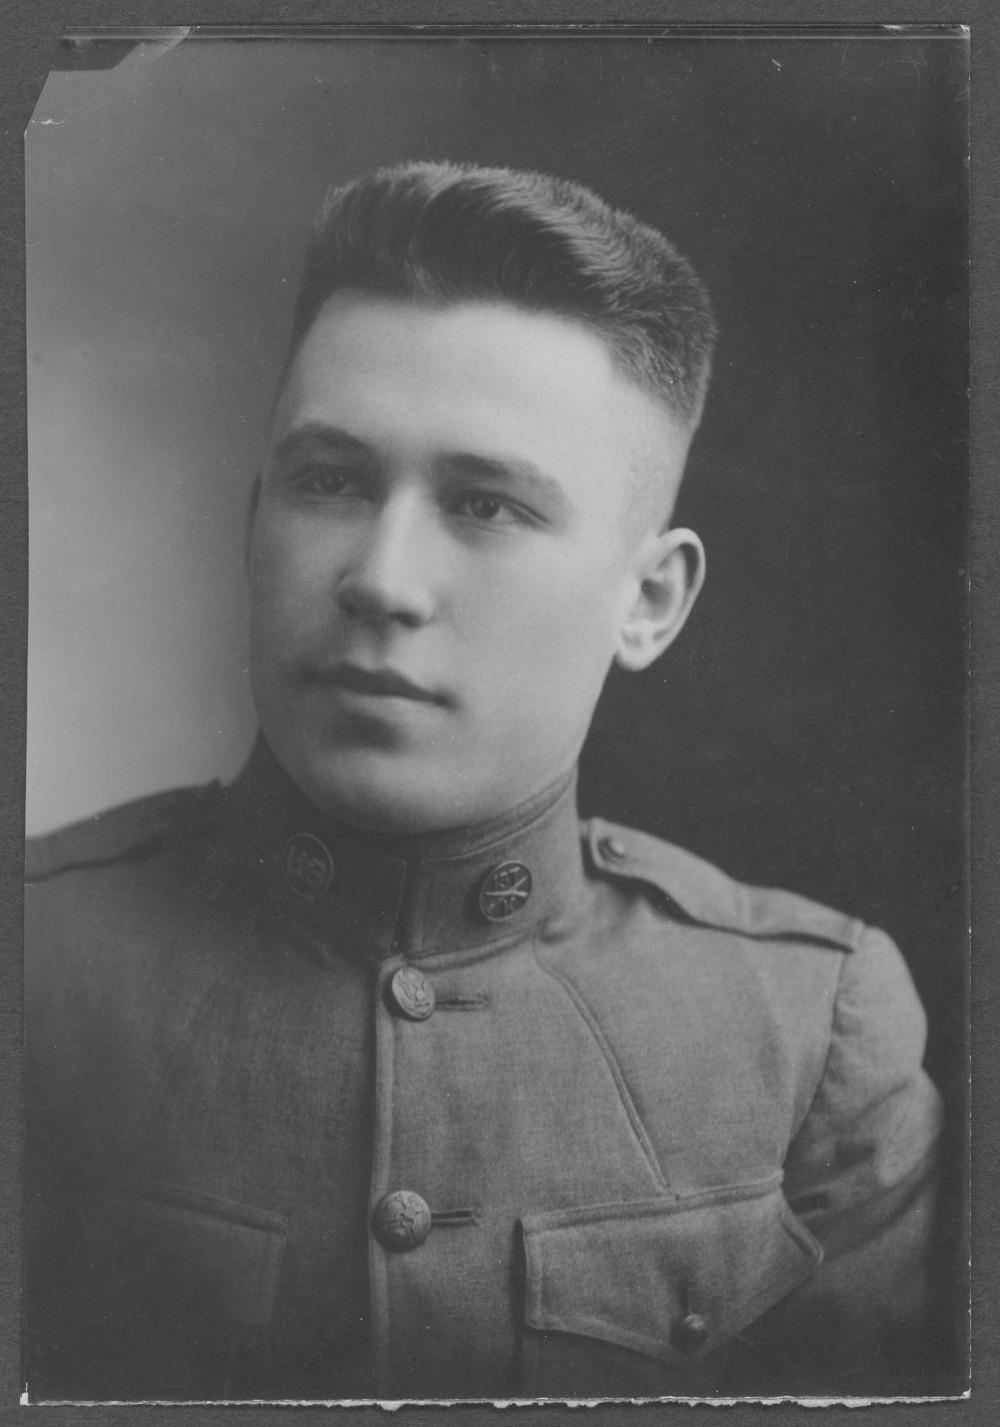 Walter McKinley Blackledge, World War I soldier - 3